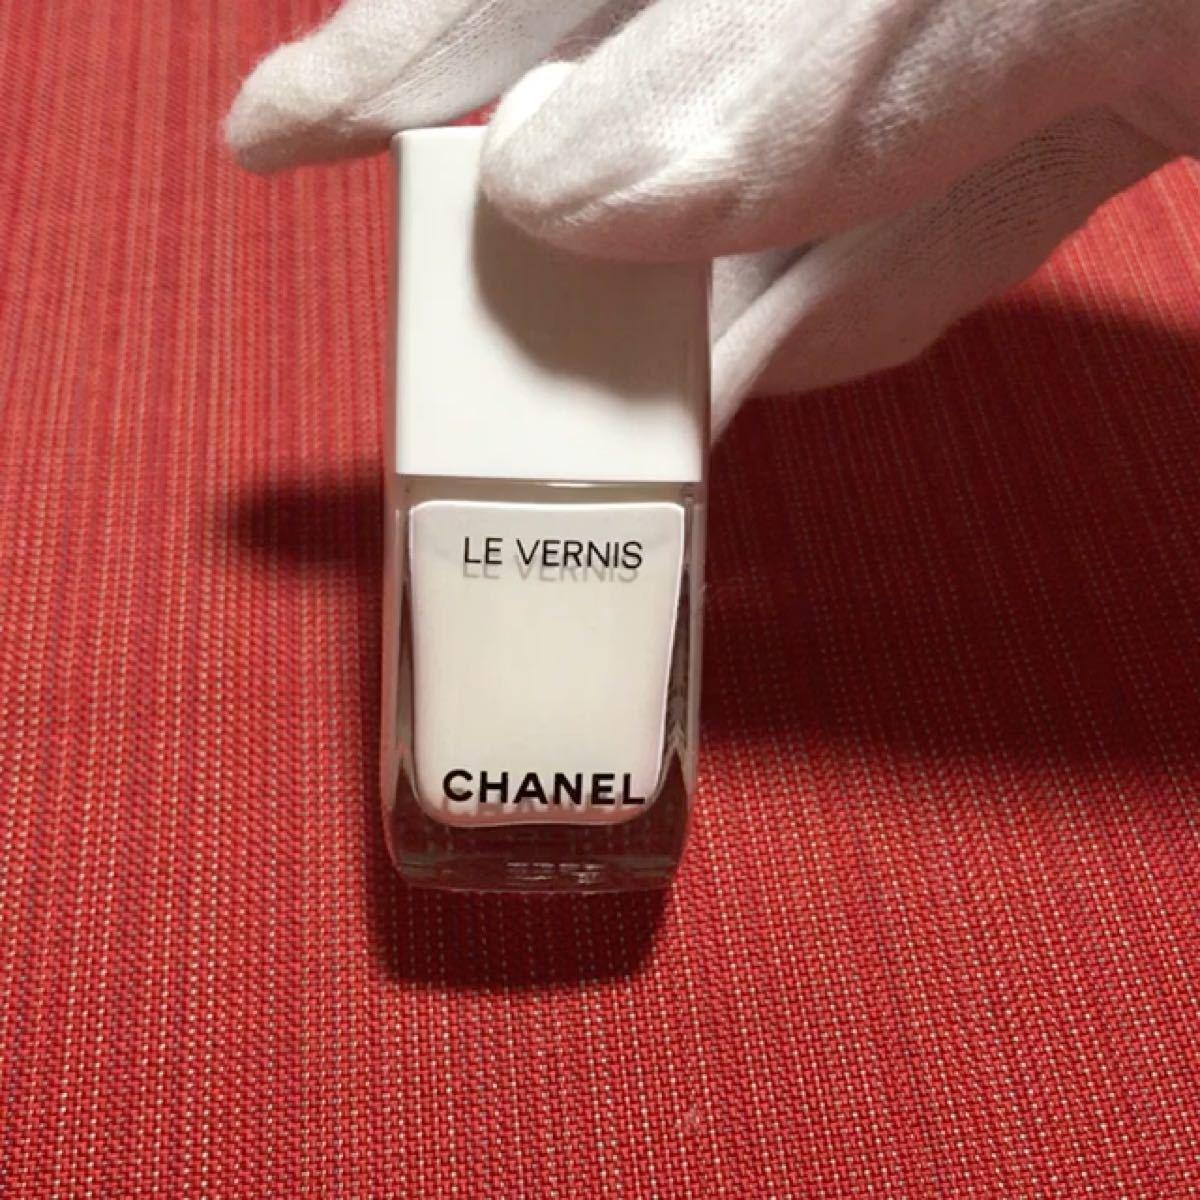 CHANEL シャネル ヴェル二 ロング トゥニュ 711 ピュア ホワイト (白) 限定品 ※中古品です